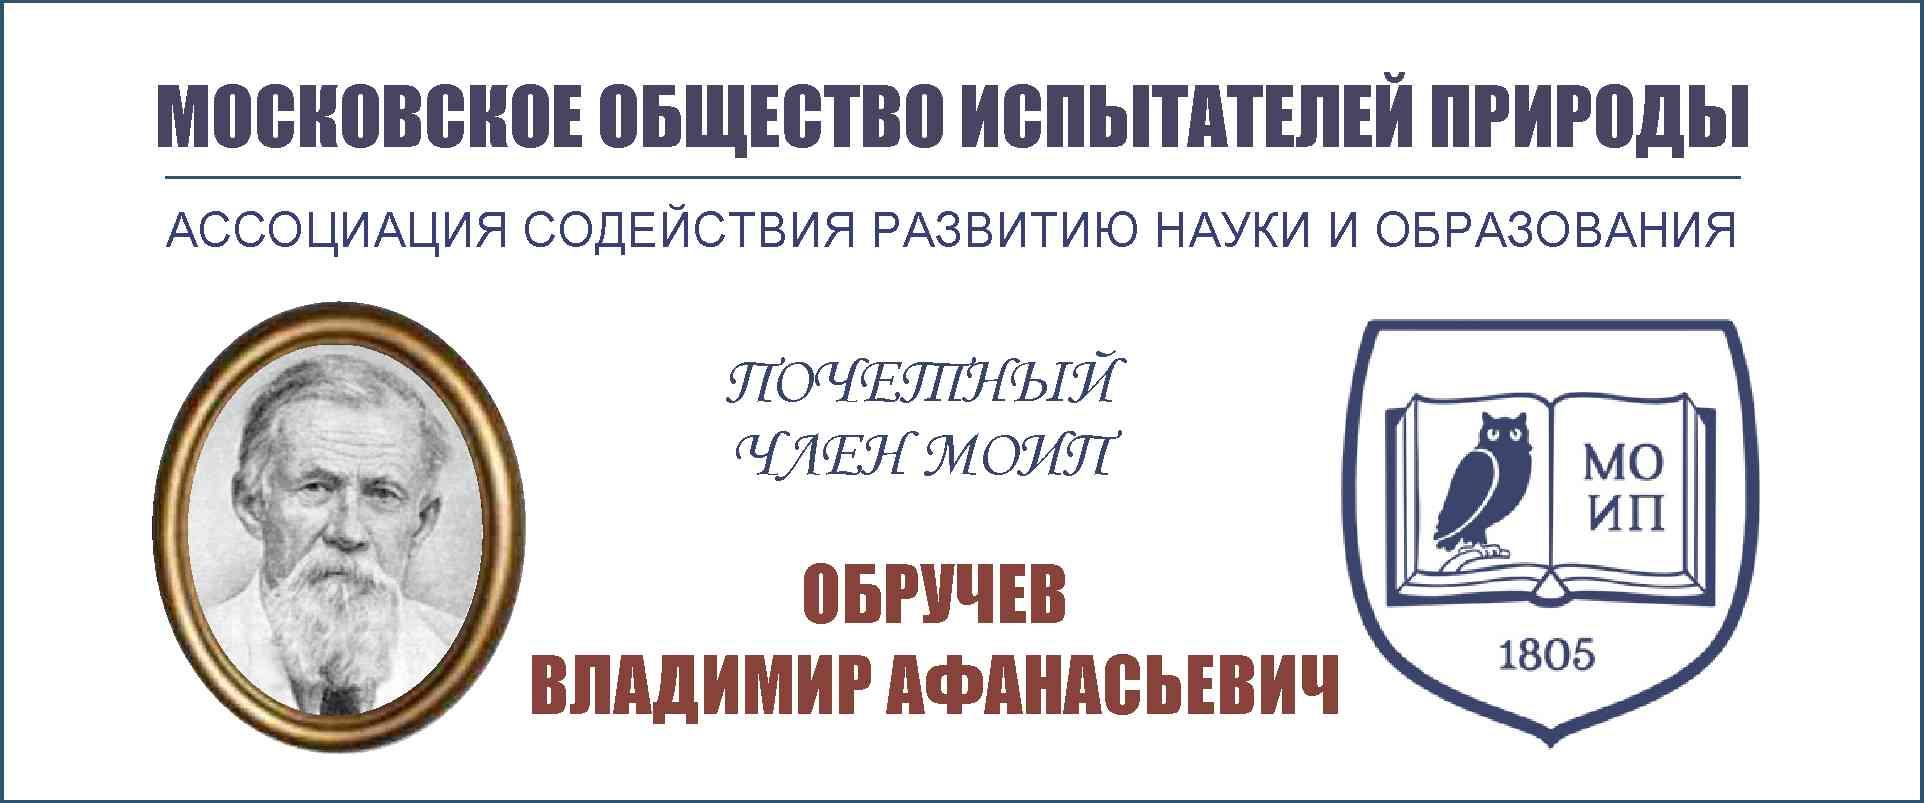 Обручев Владимир Афанасьевич – почетный член МОИП